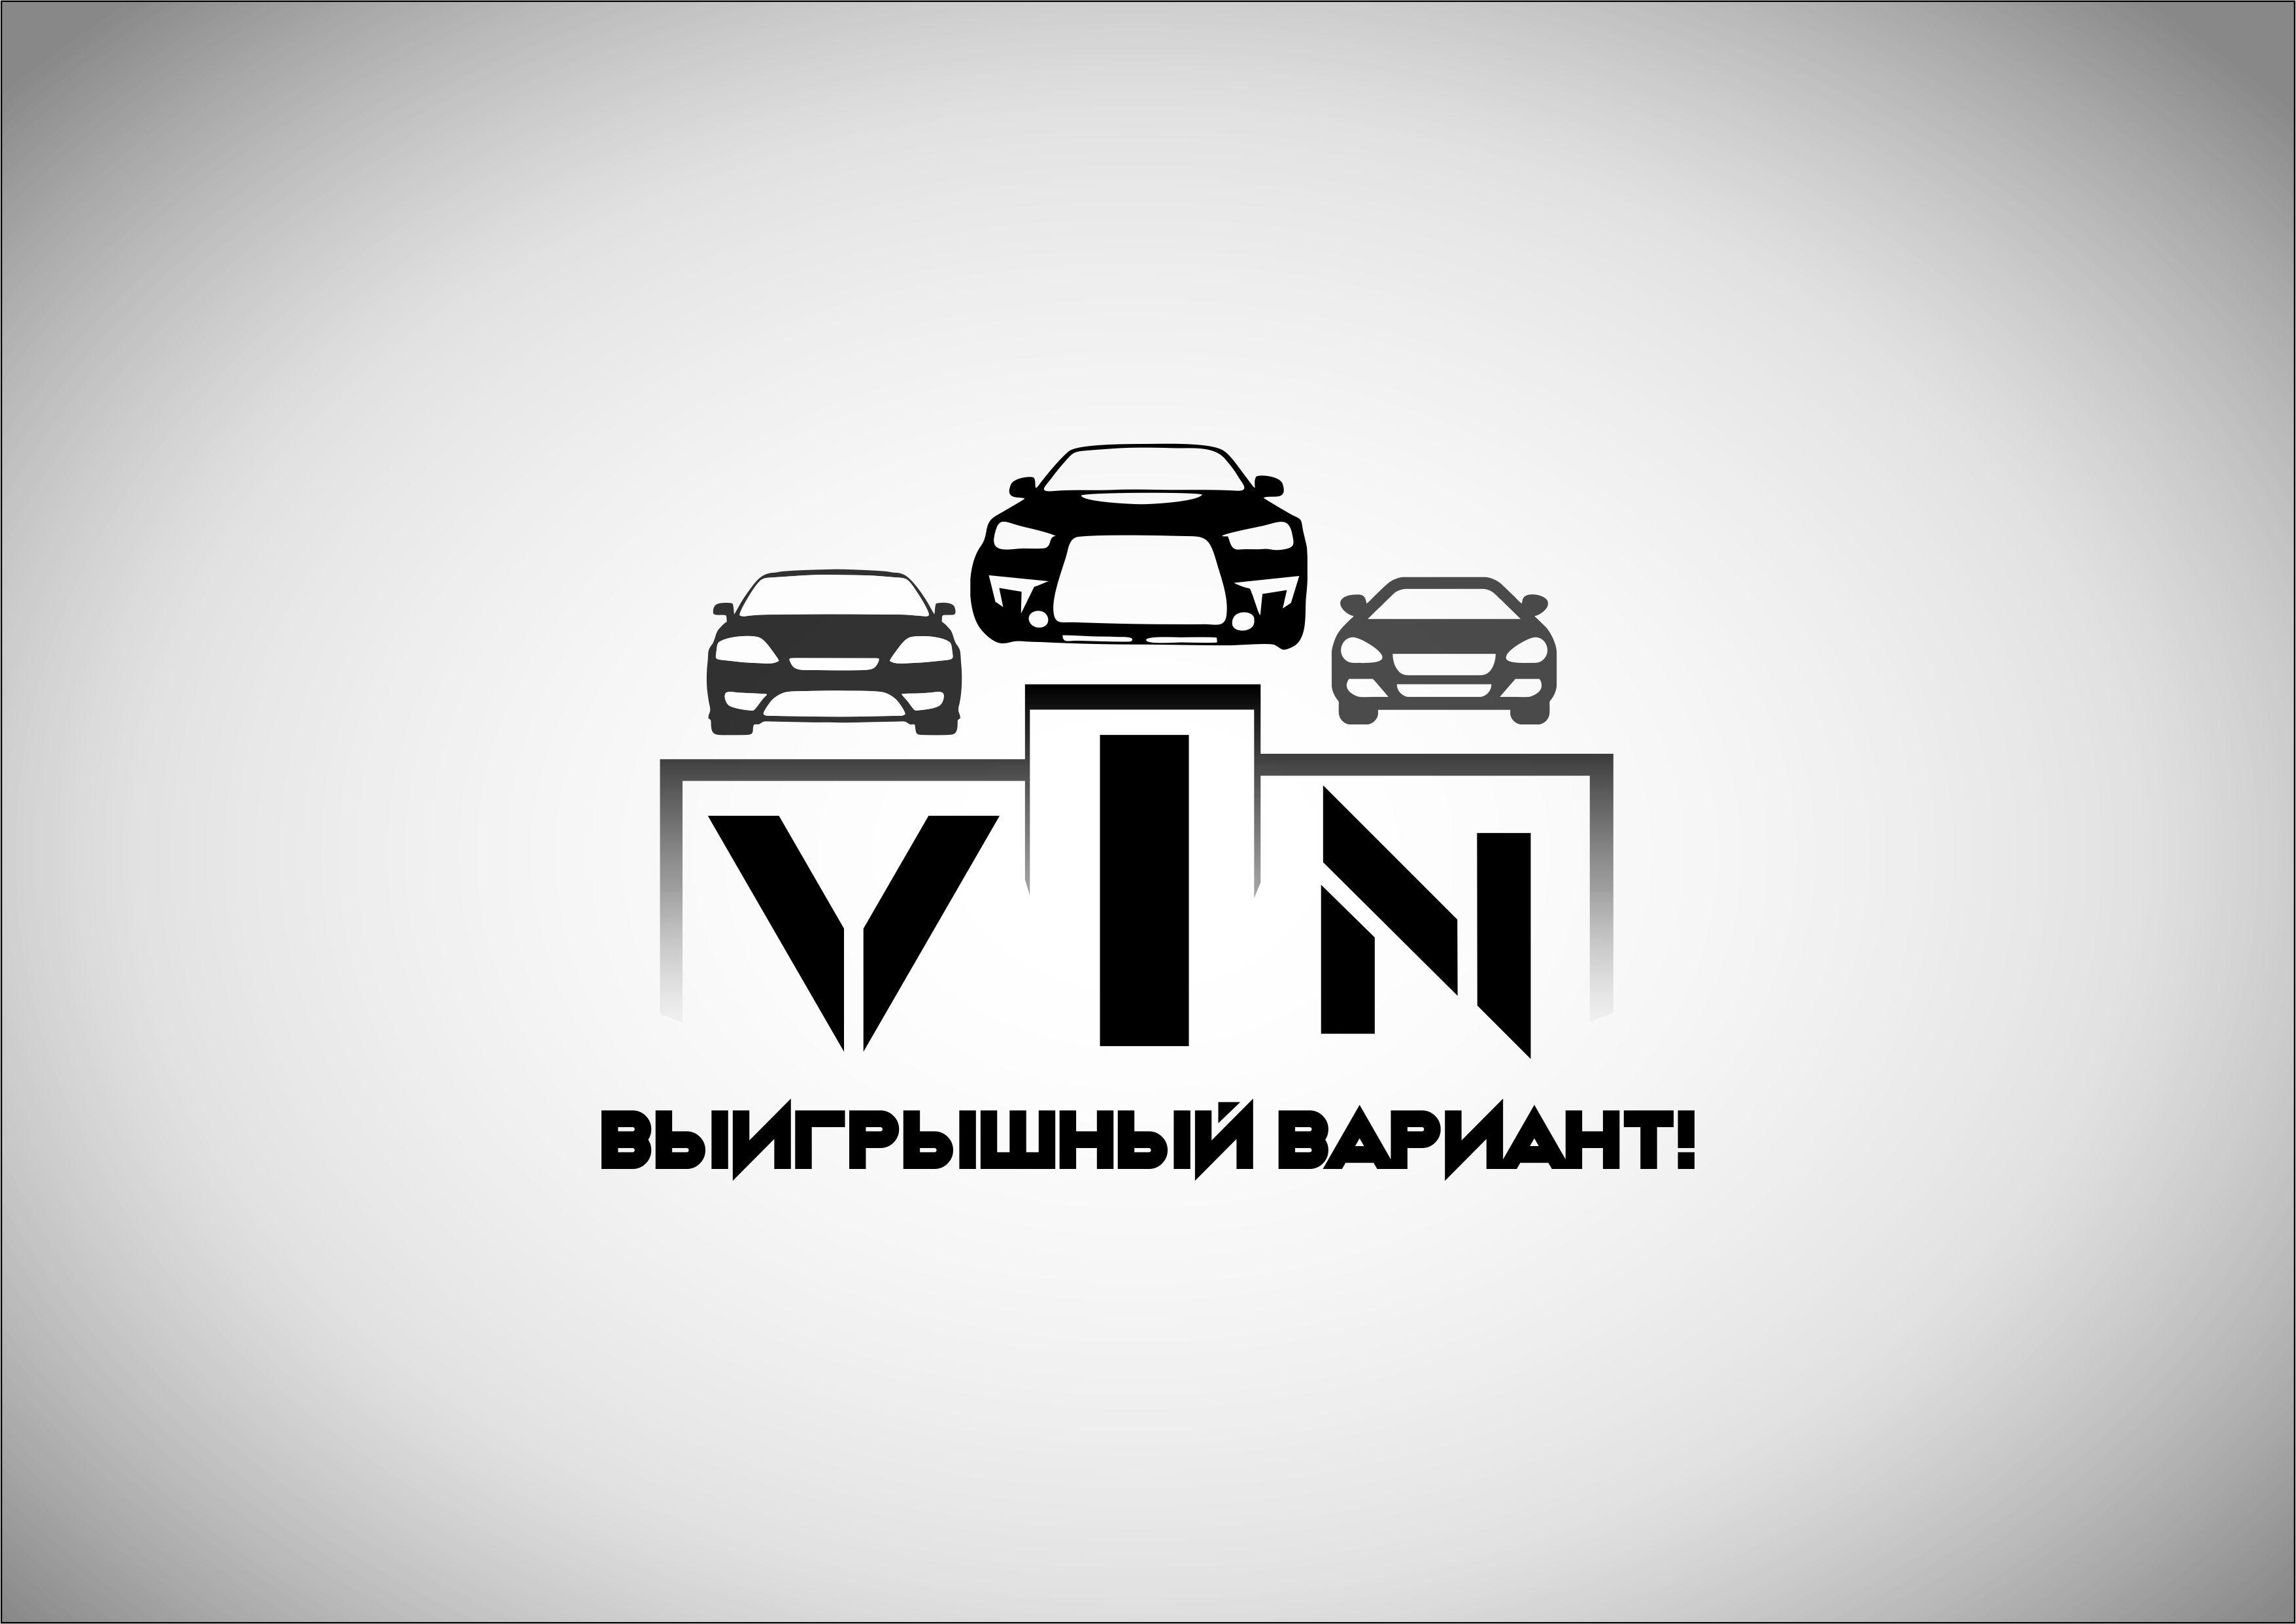 Разработка логотипа и фирменного стиля для такси фото f_6955b9ce2fee2cec.jpg